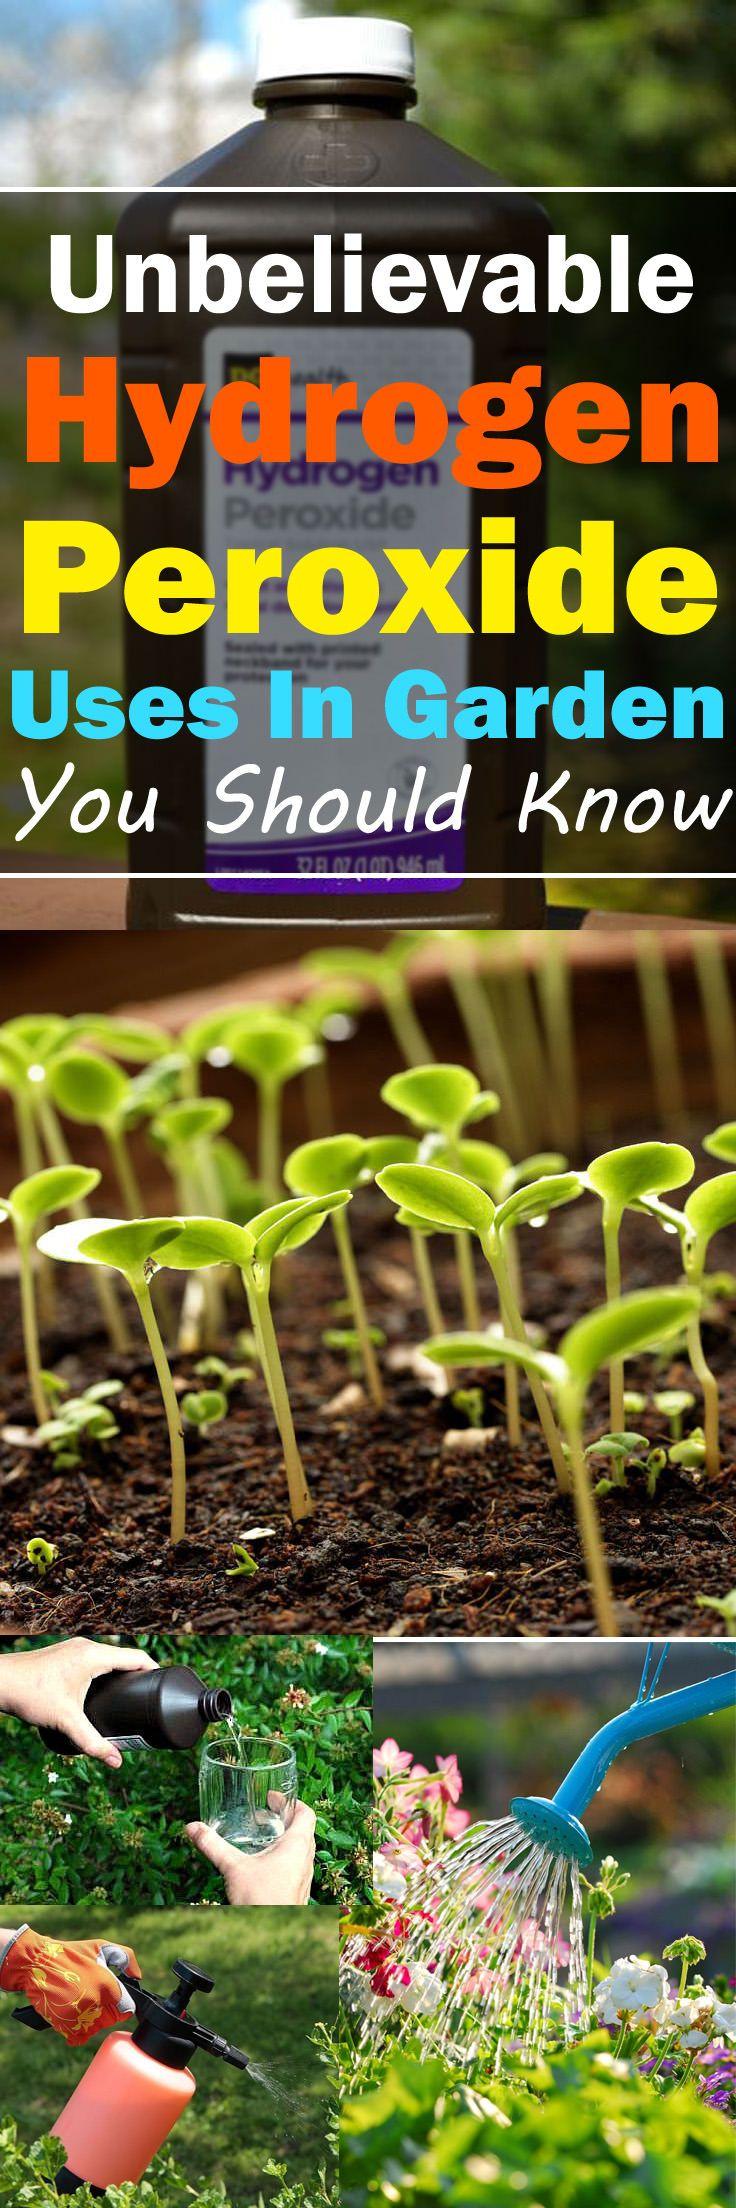 Image Result For What Kind Of Fertilizer Should I Use For Vegetable Garden